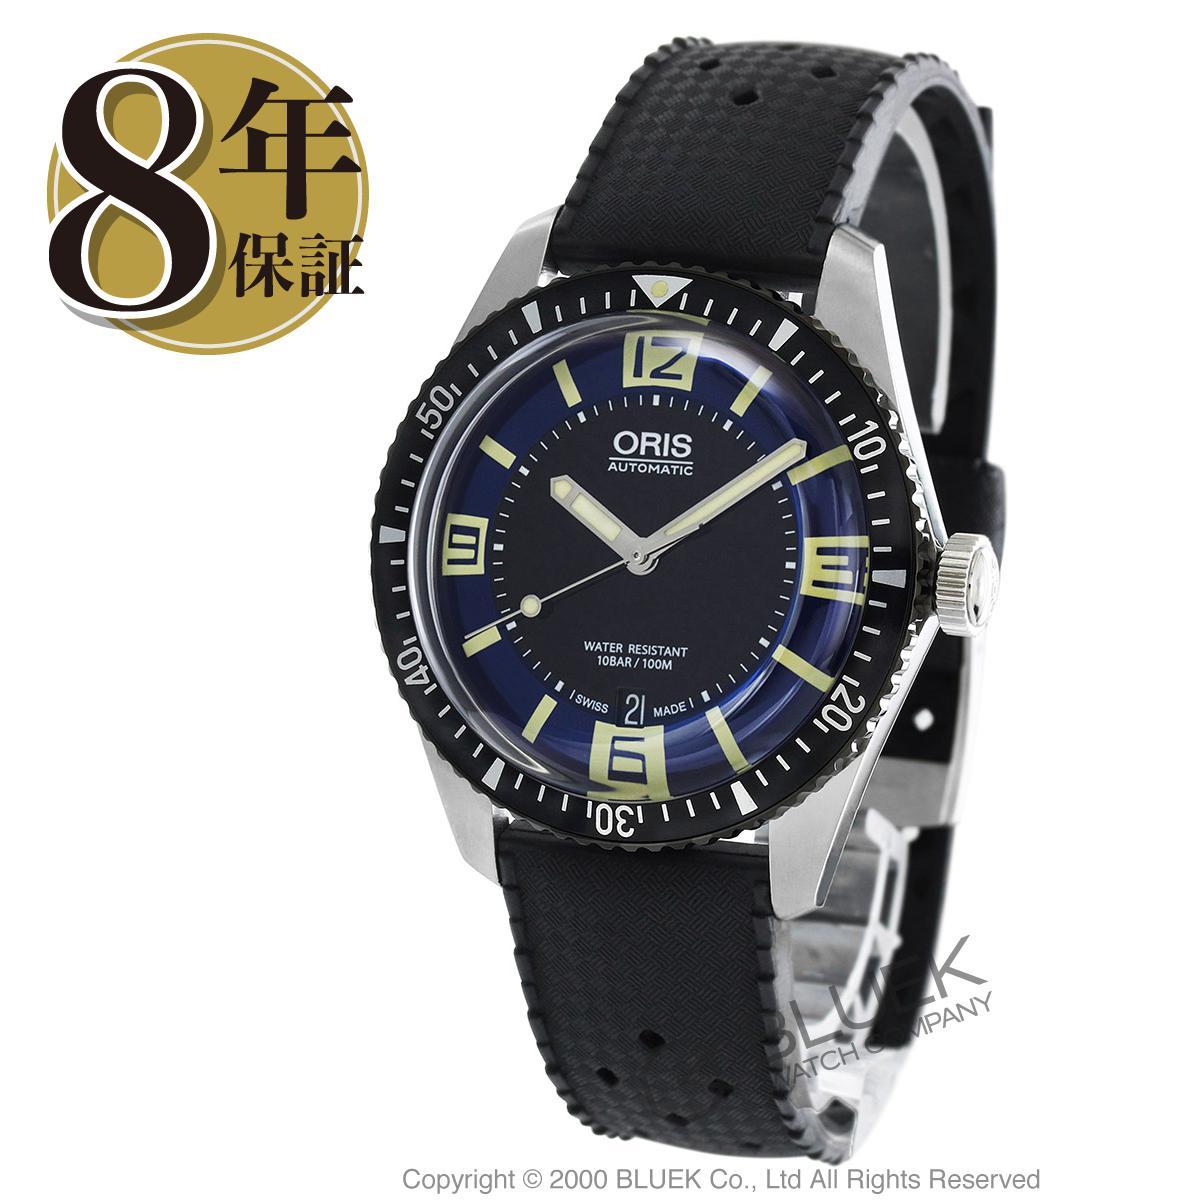 【最大3万円割引クーポン 11/01~】オリス ダイバーズ 65 腕時計 メンズ ORIS 733 7707 4035R_8